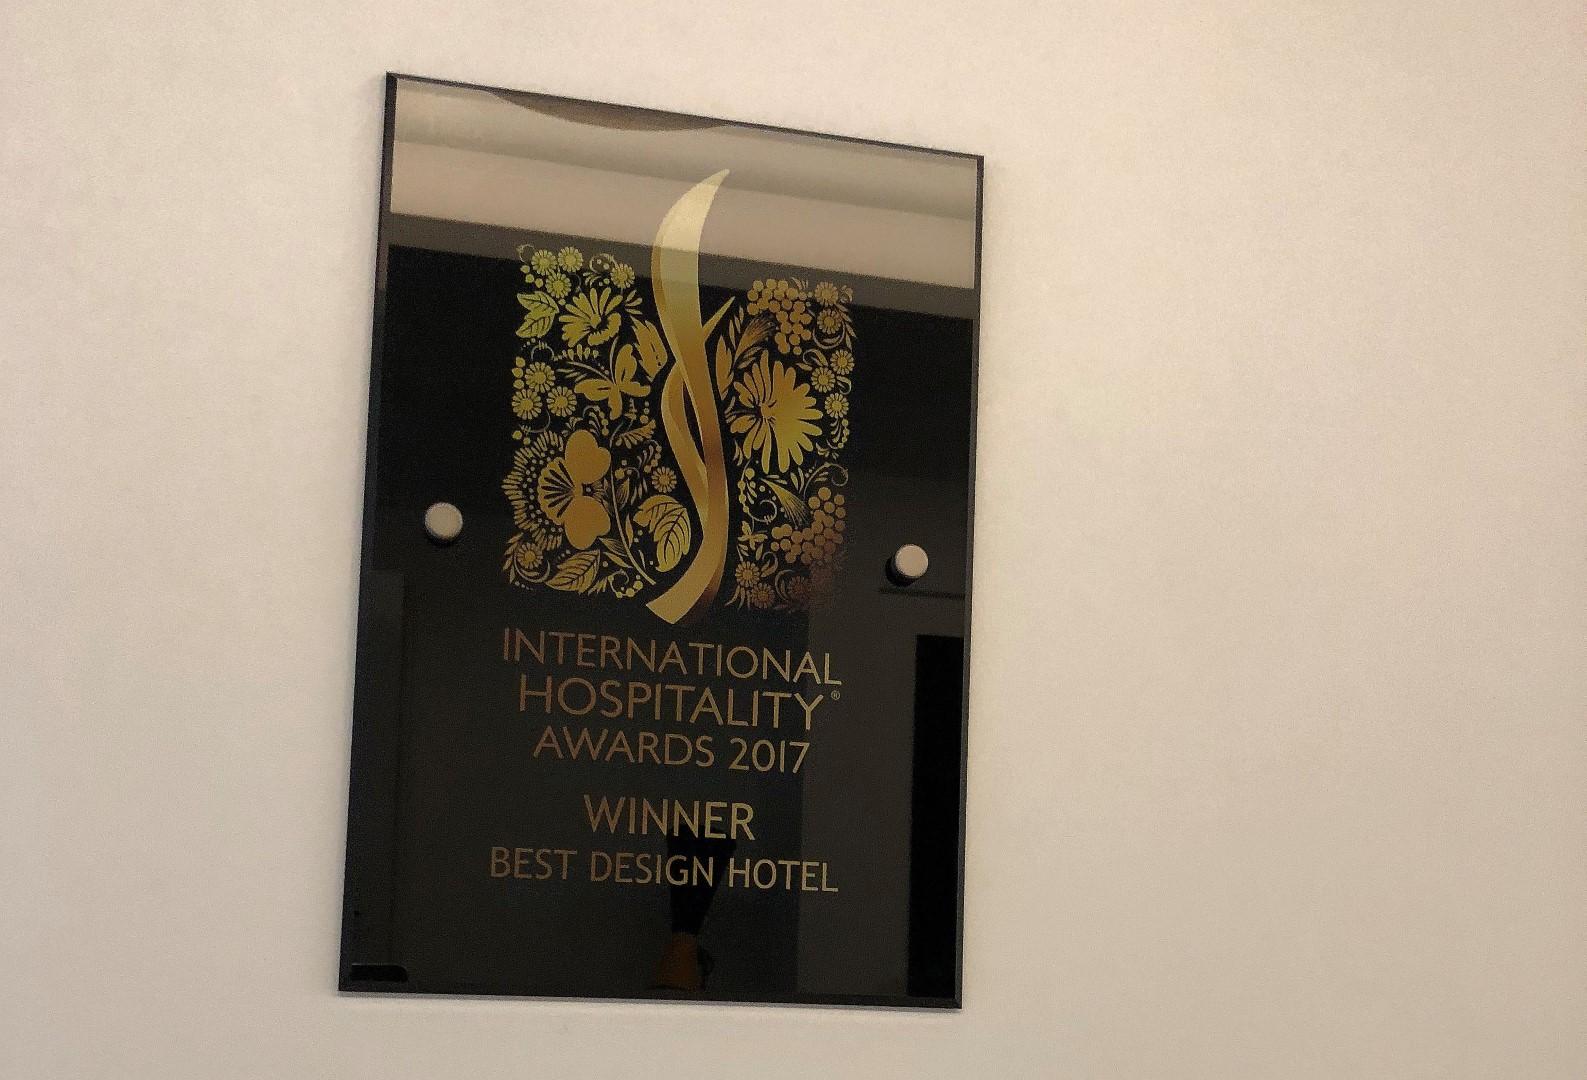 Tarptautinis pripažinimas: lietuviškas viešbutis apdovanotas už išskirtinį dizainą